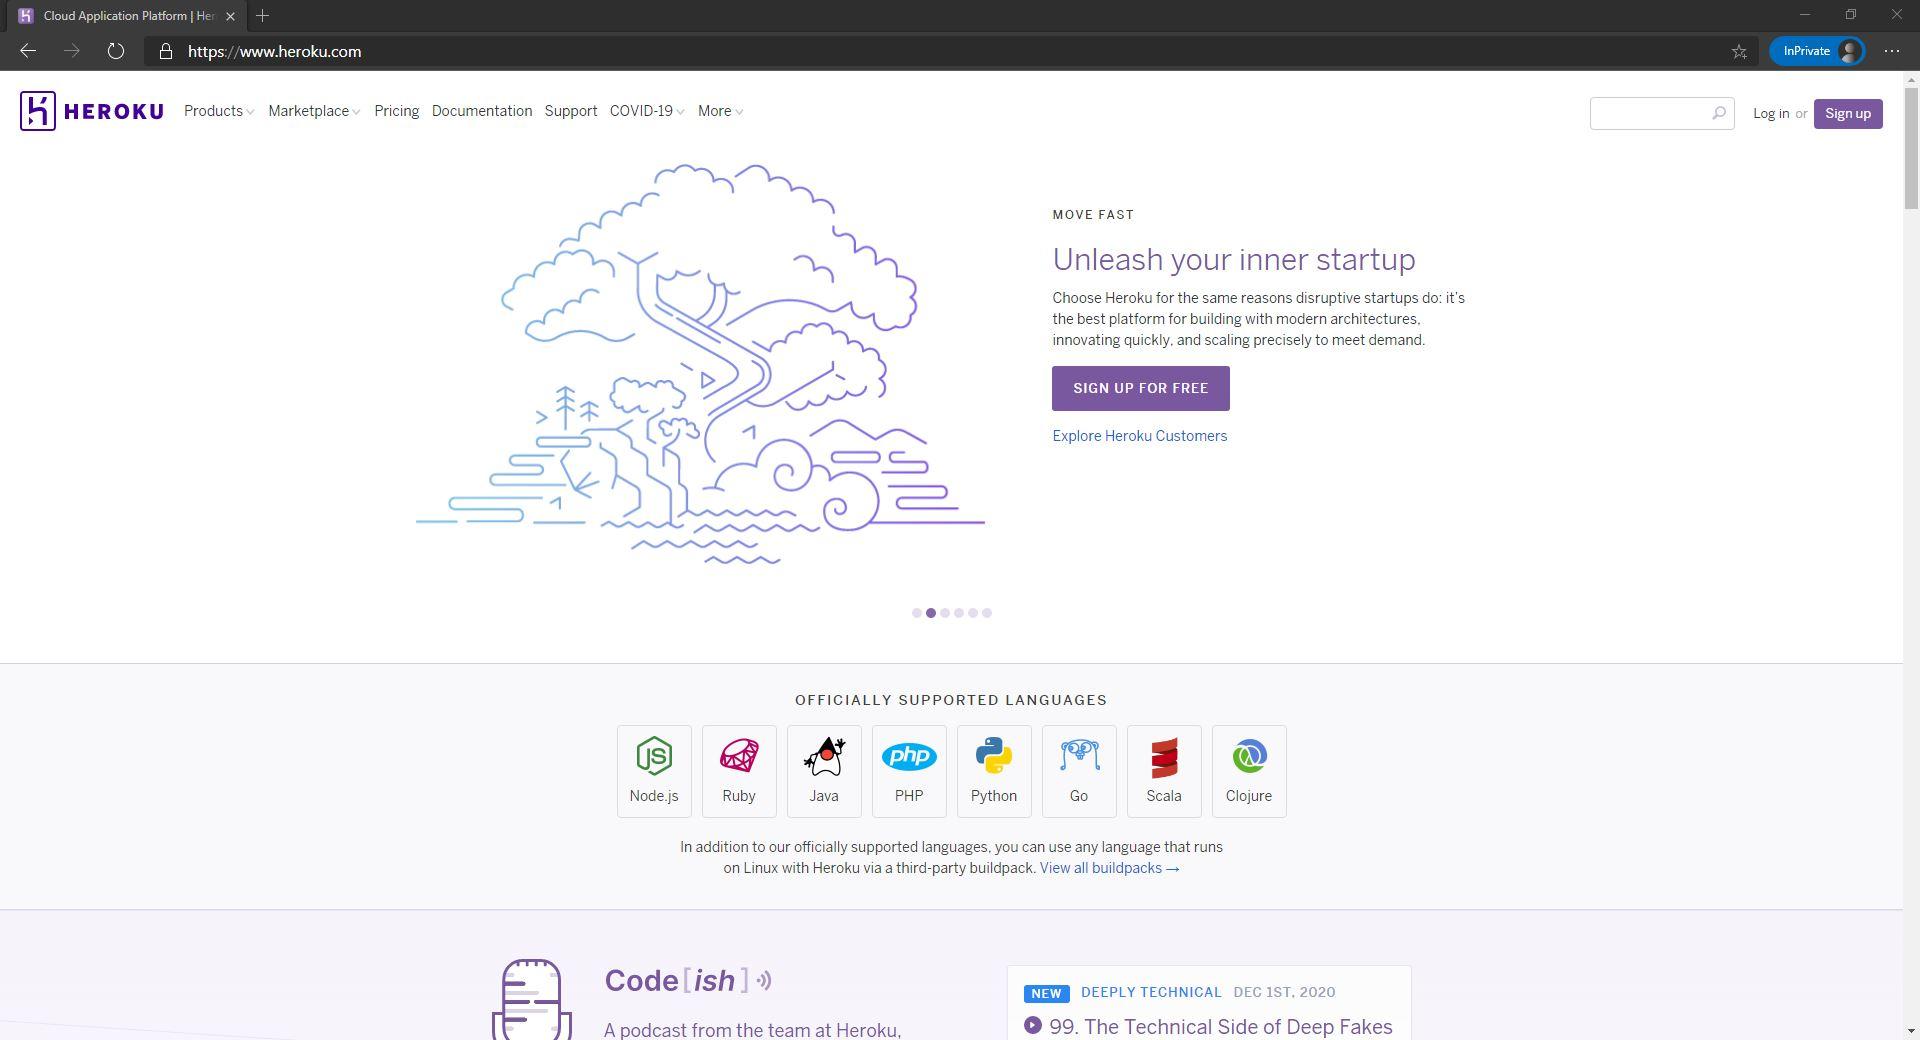 Heroku homepage website